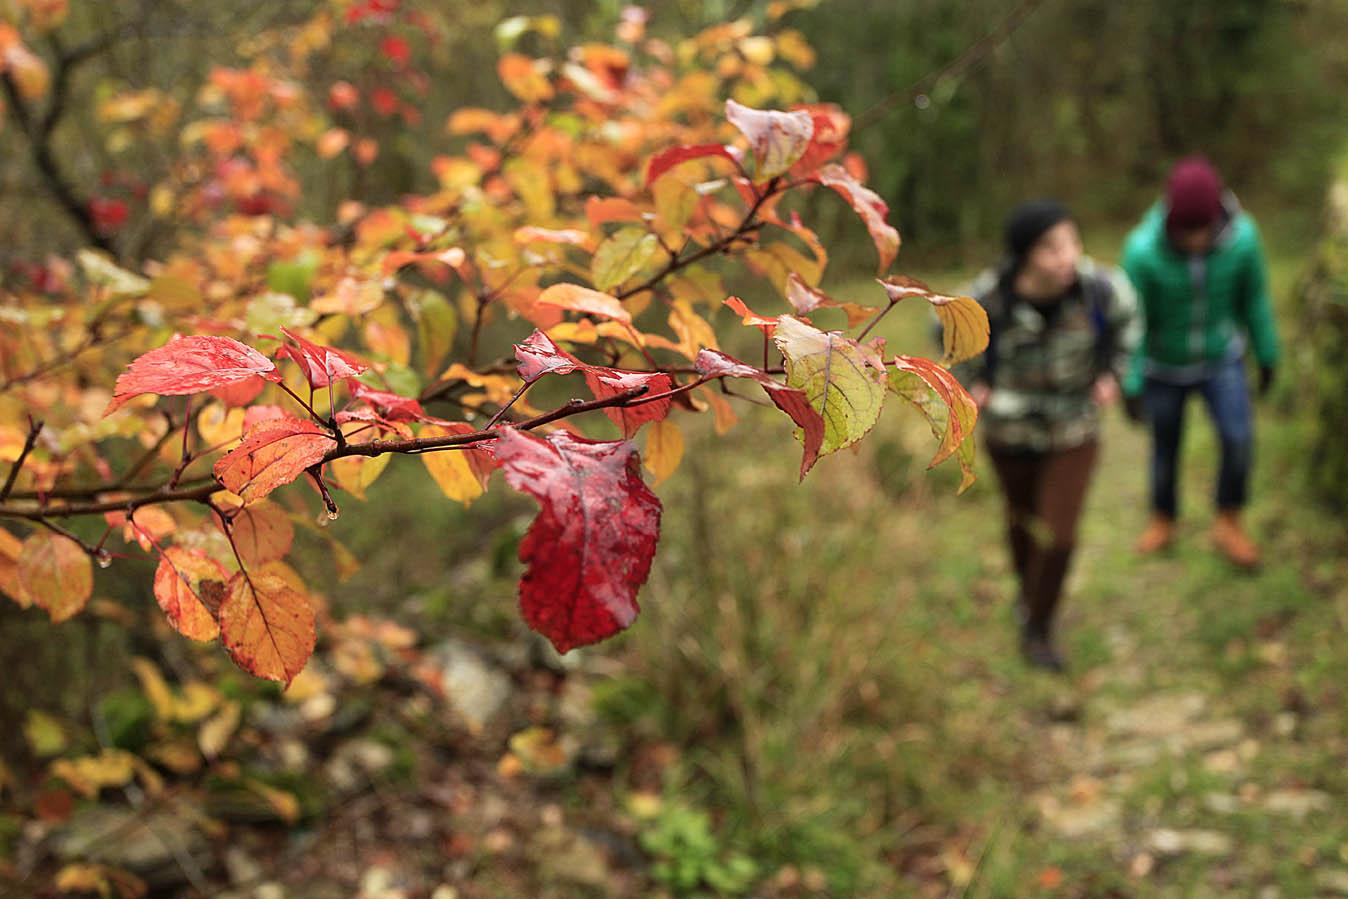 Autumn in Groppo Dalosio, Via Francigena, Liguria, Italy, photo by Enrico Caracciolo, all rights reserved